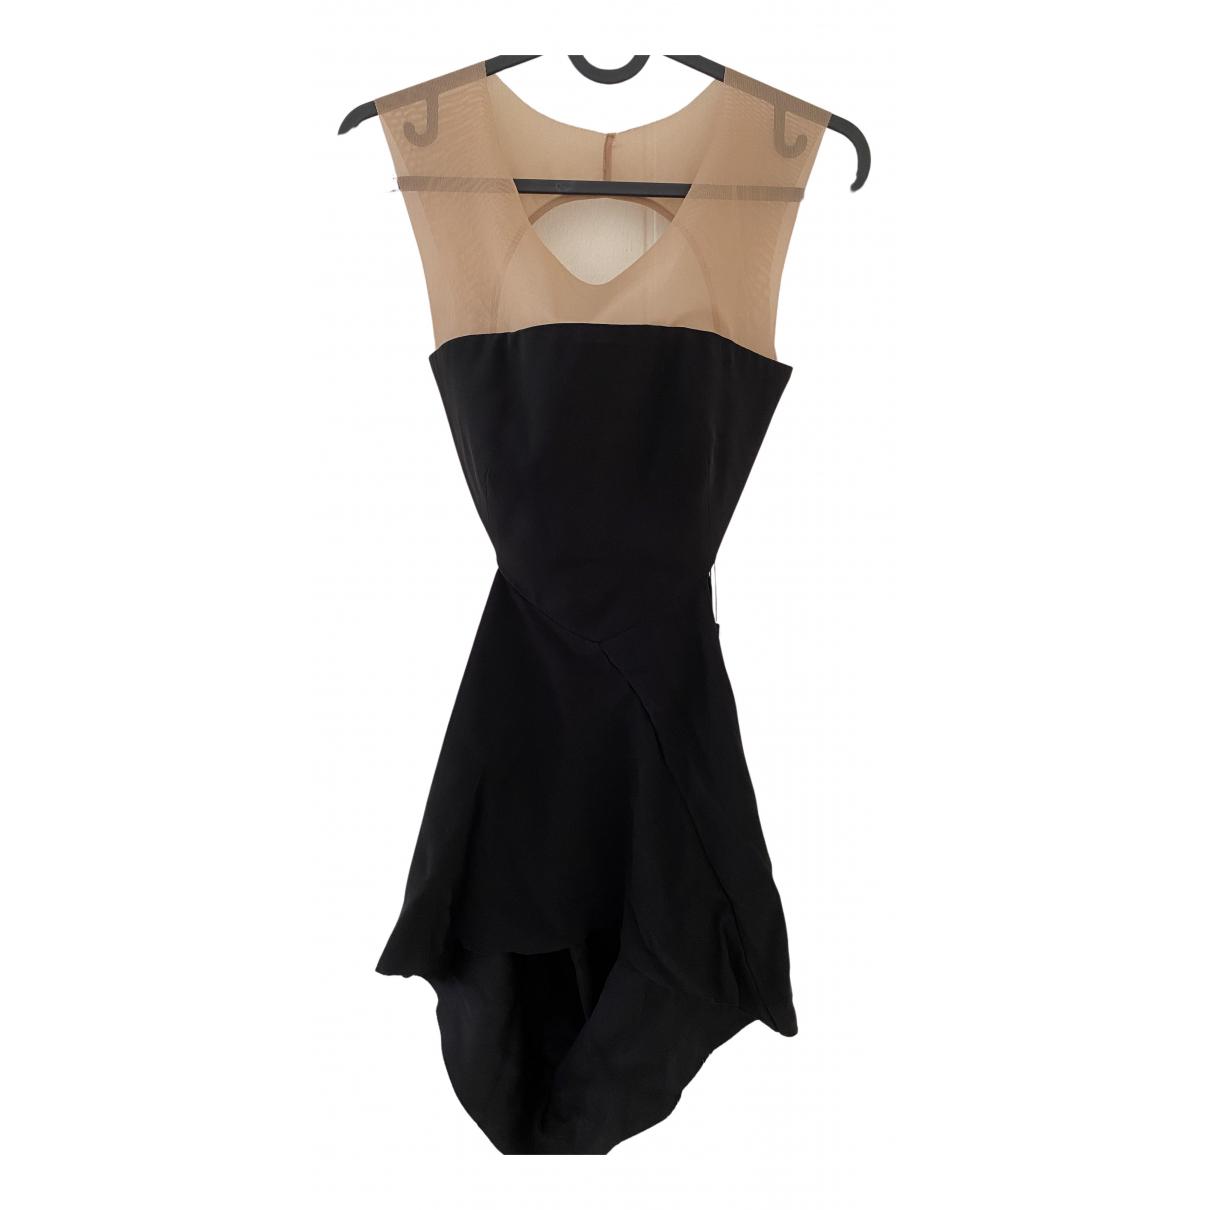 Rick Owens N Black dress for Women 40 IT